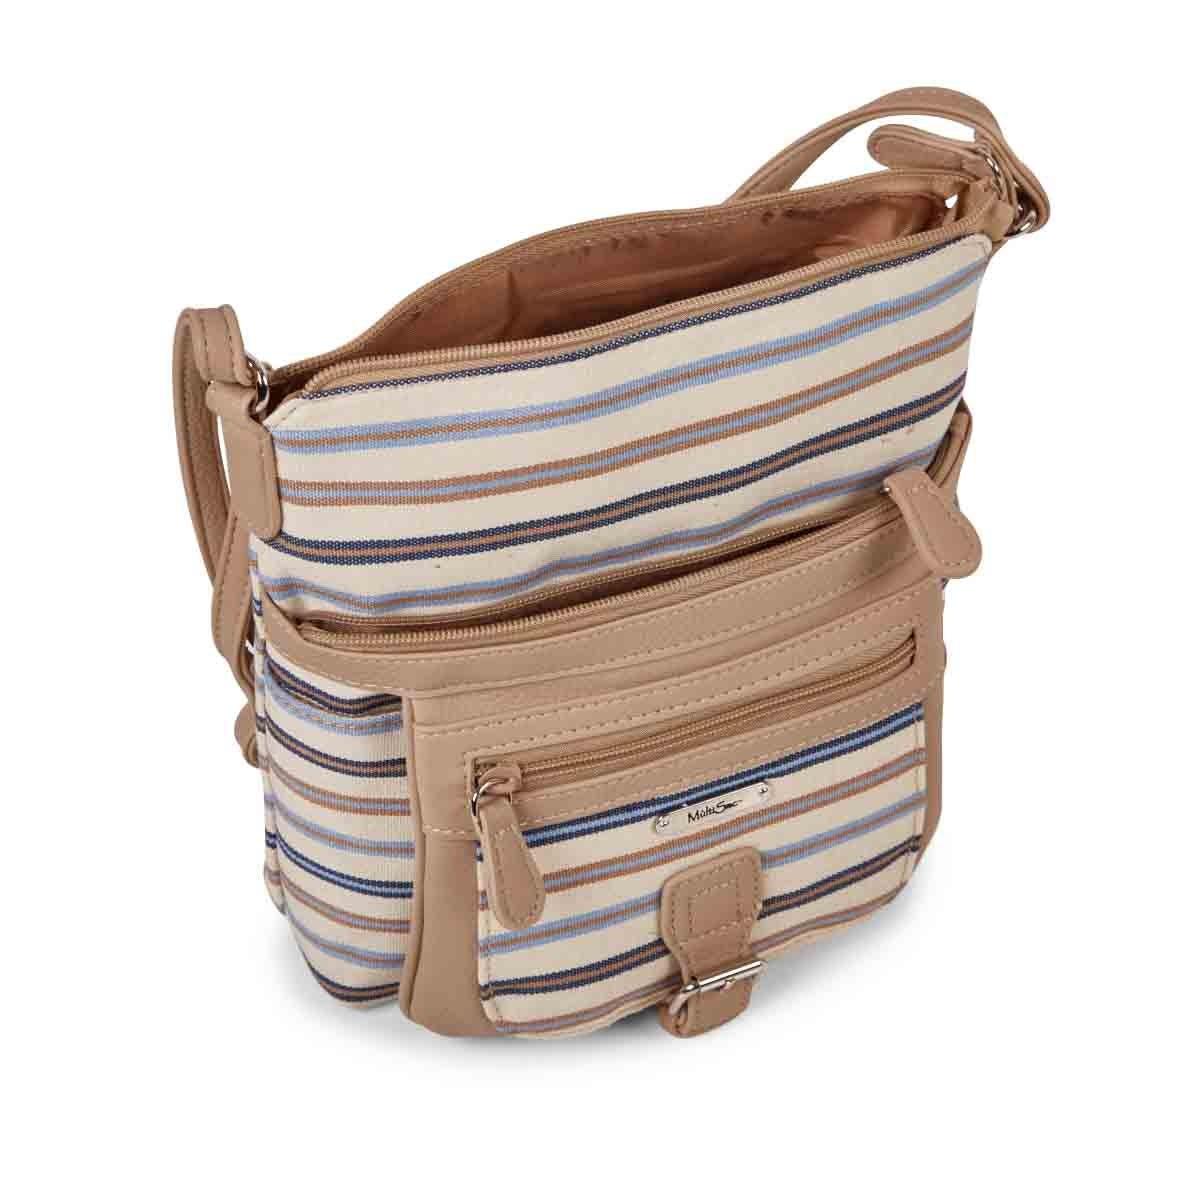 Lds classic blu/tpe stripe crossbody bag